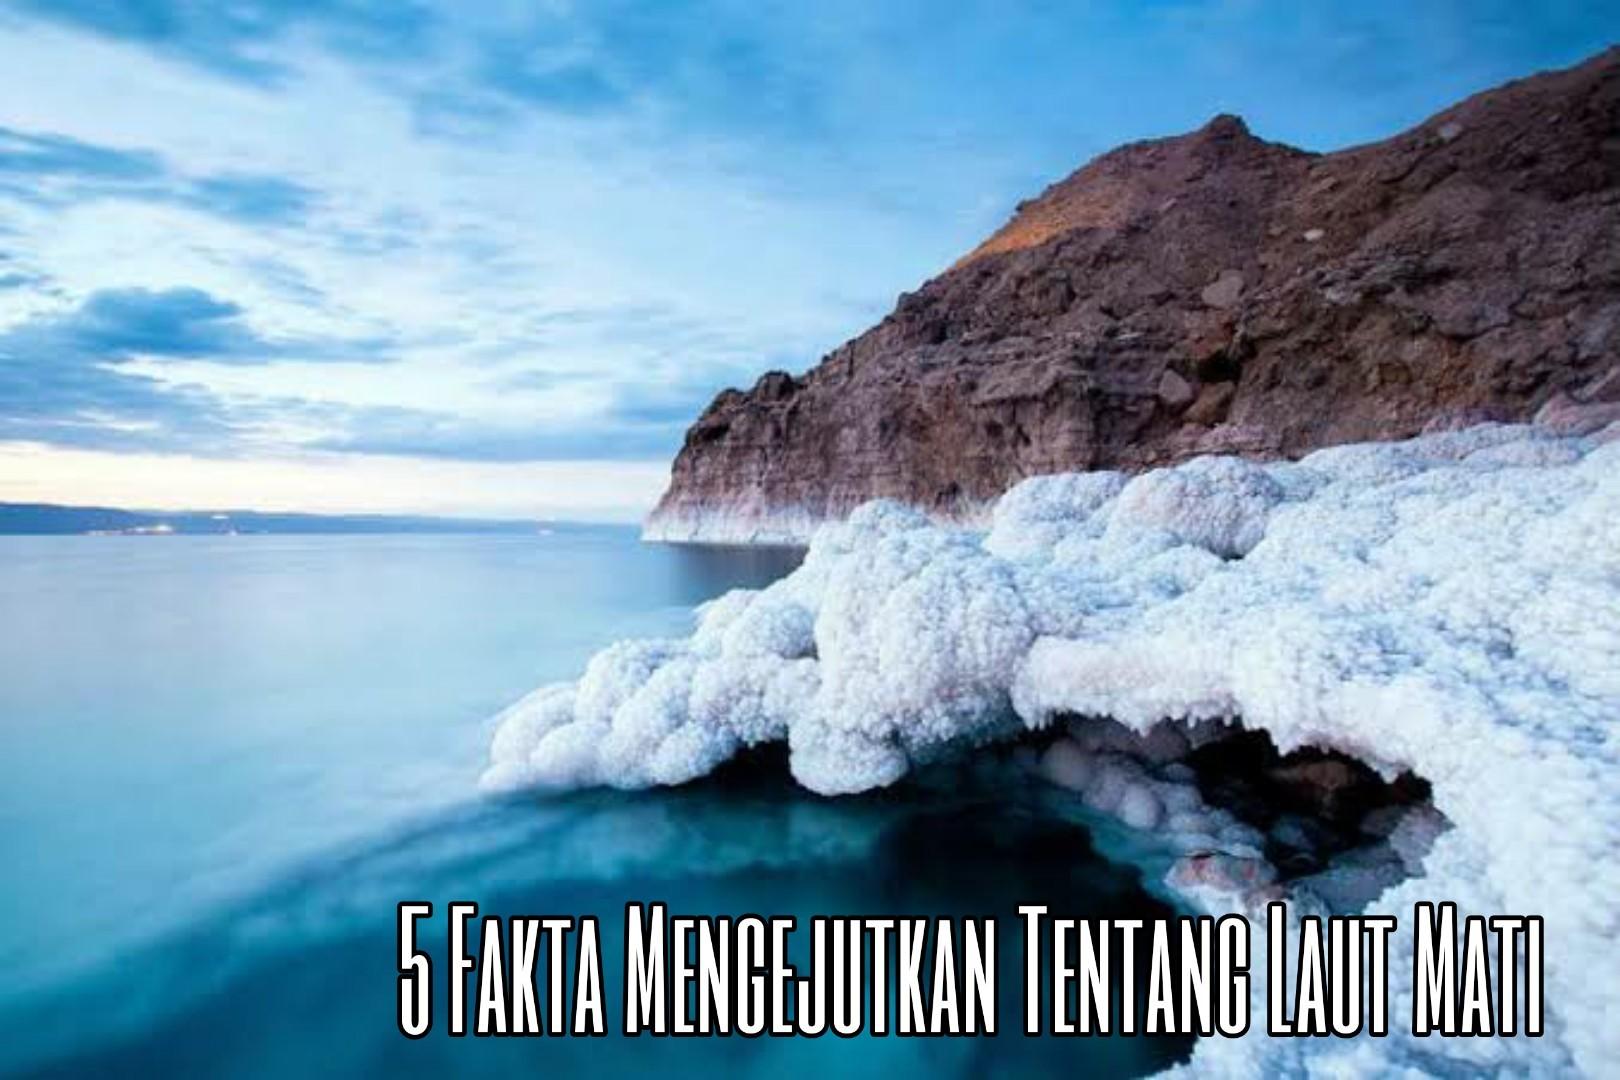 5 Fakta Mengejutkan Tentang Laut Mati